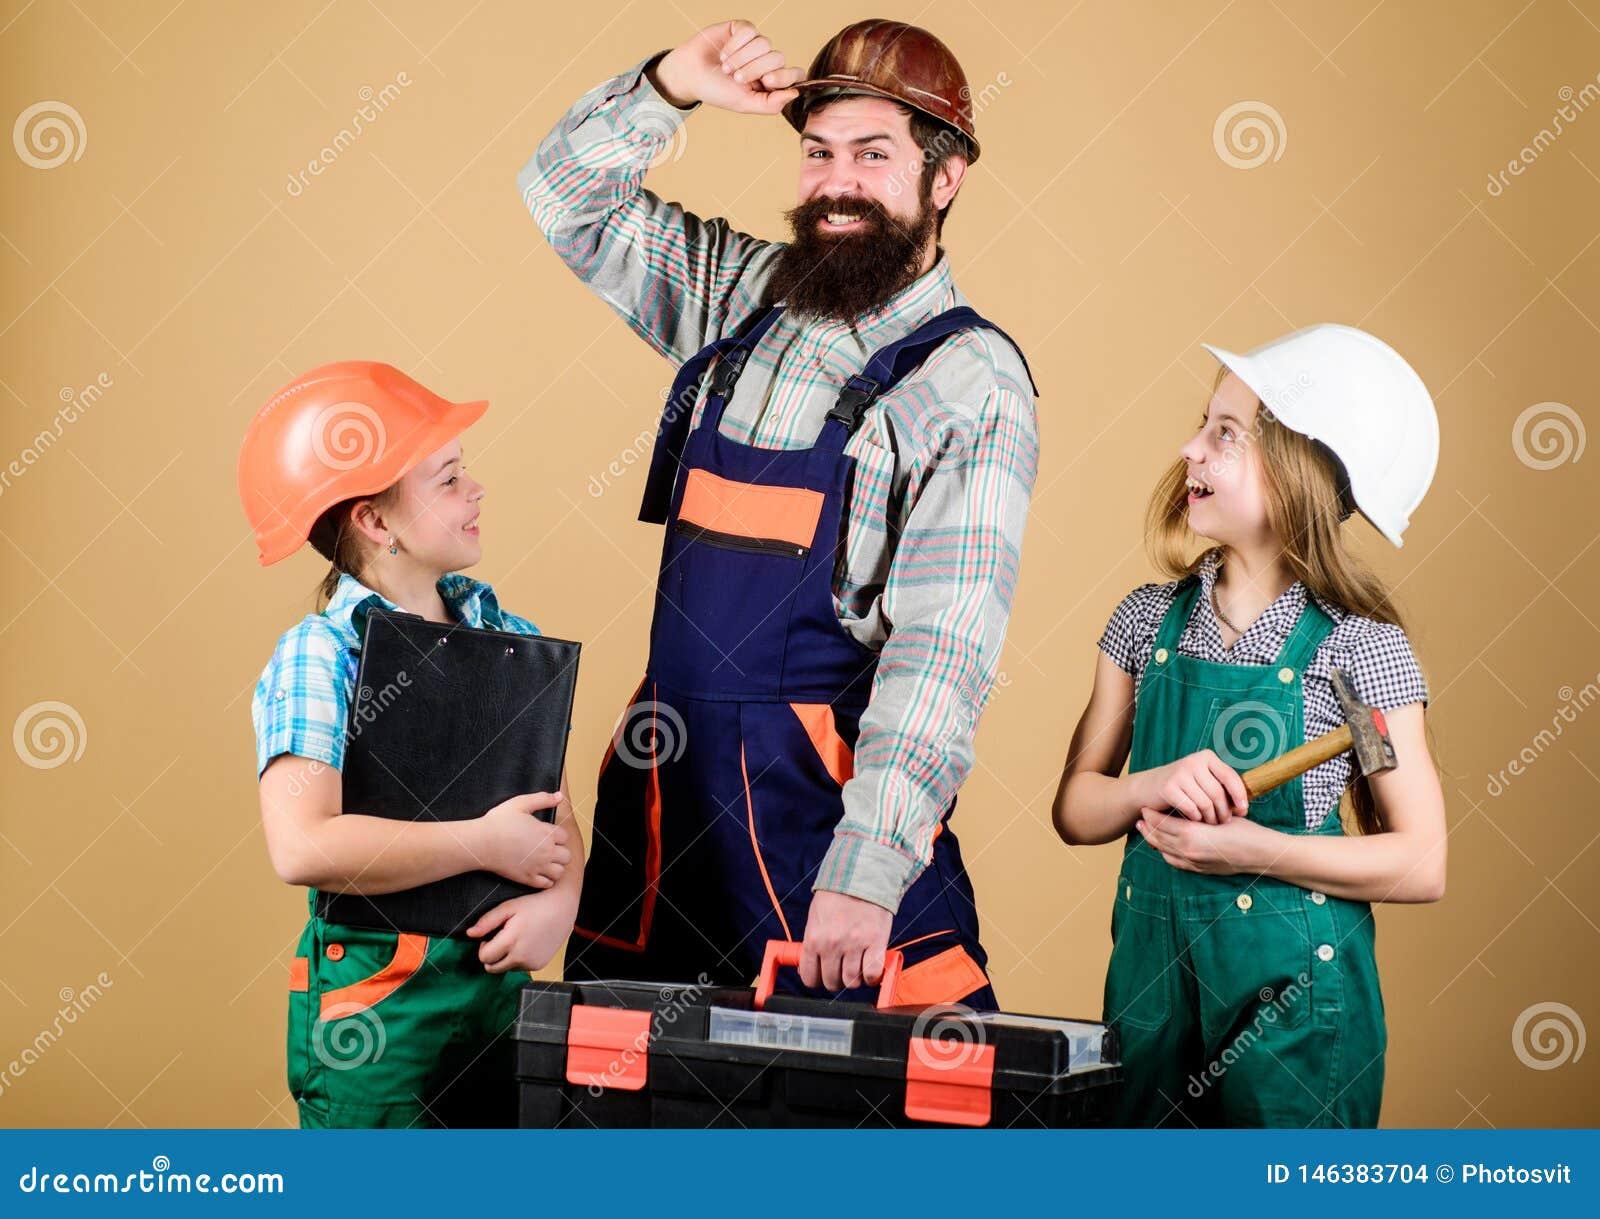 Άτυπη εκπαίδευση Ημέρα πατέρων Οι αδελφές βοηθούν τον οικοδόμο πατέρων Εγχώρια ανακαίνιση Δημιουργήστε το δωμάτιο που θέλετε πραγ